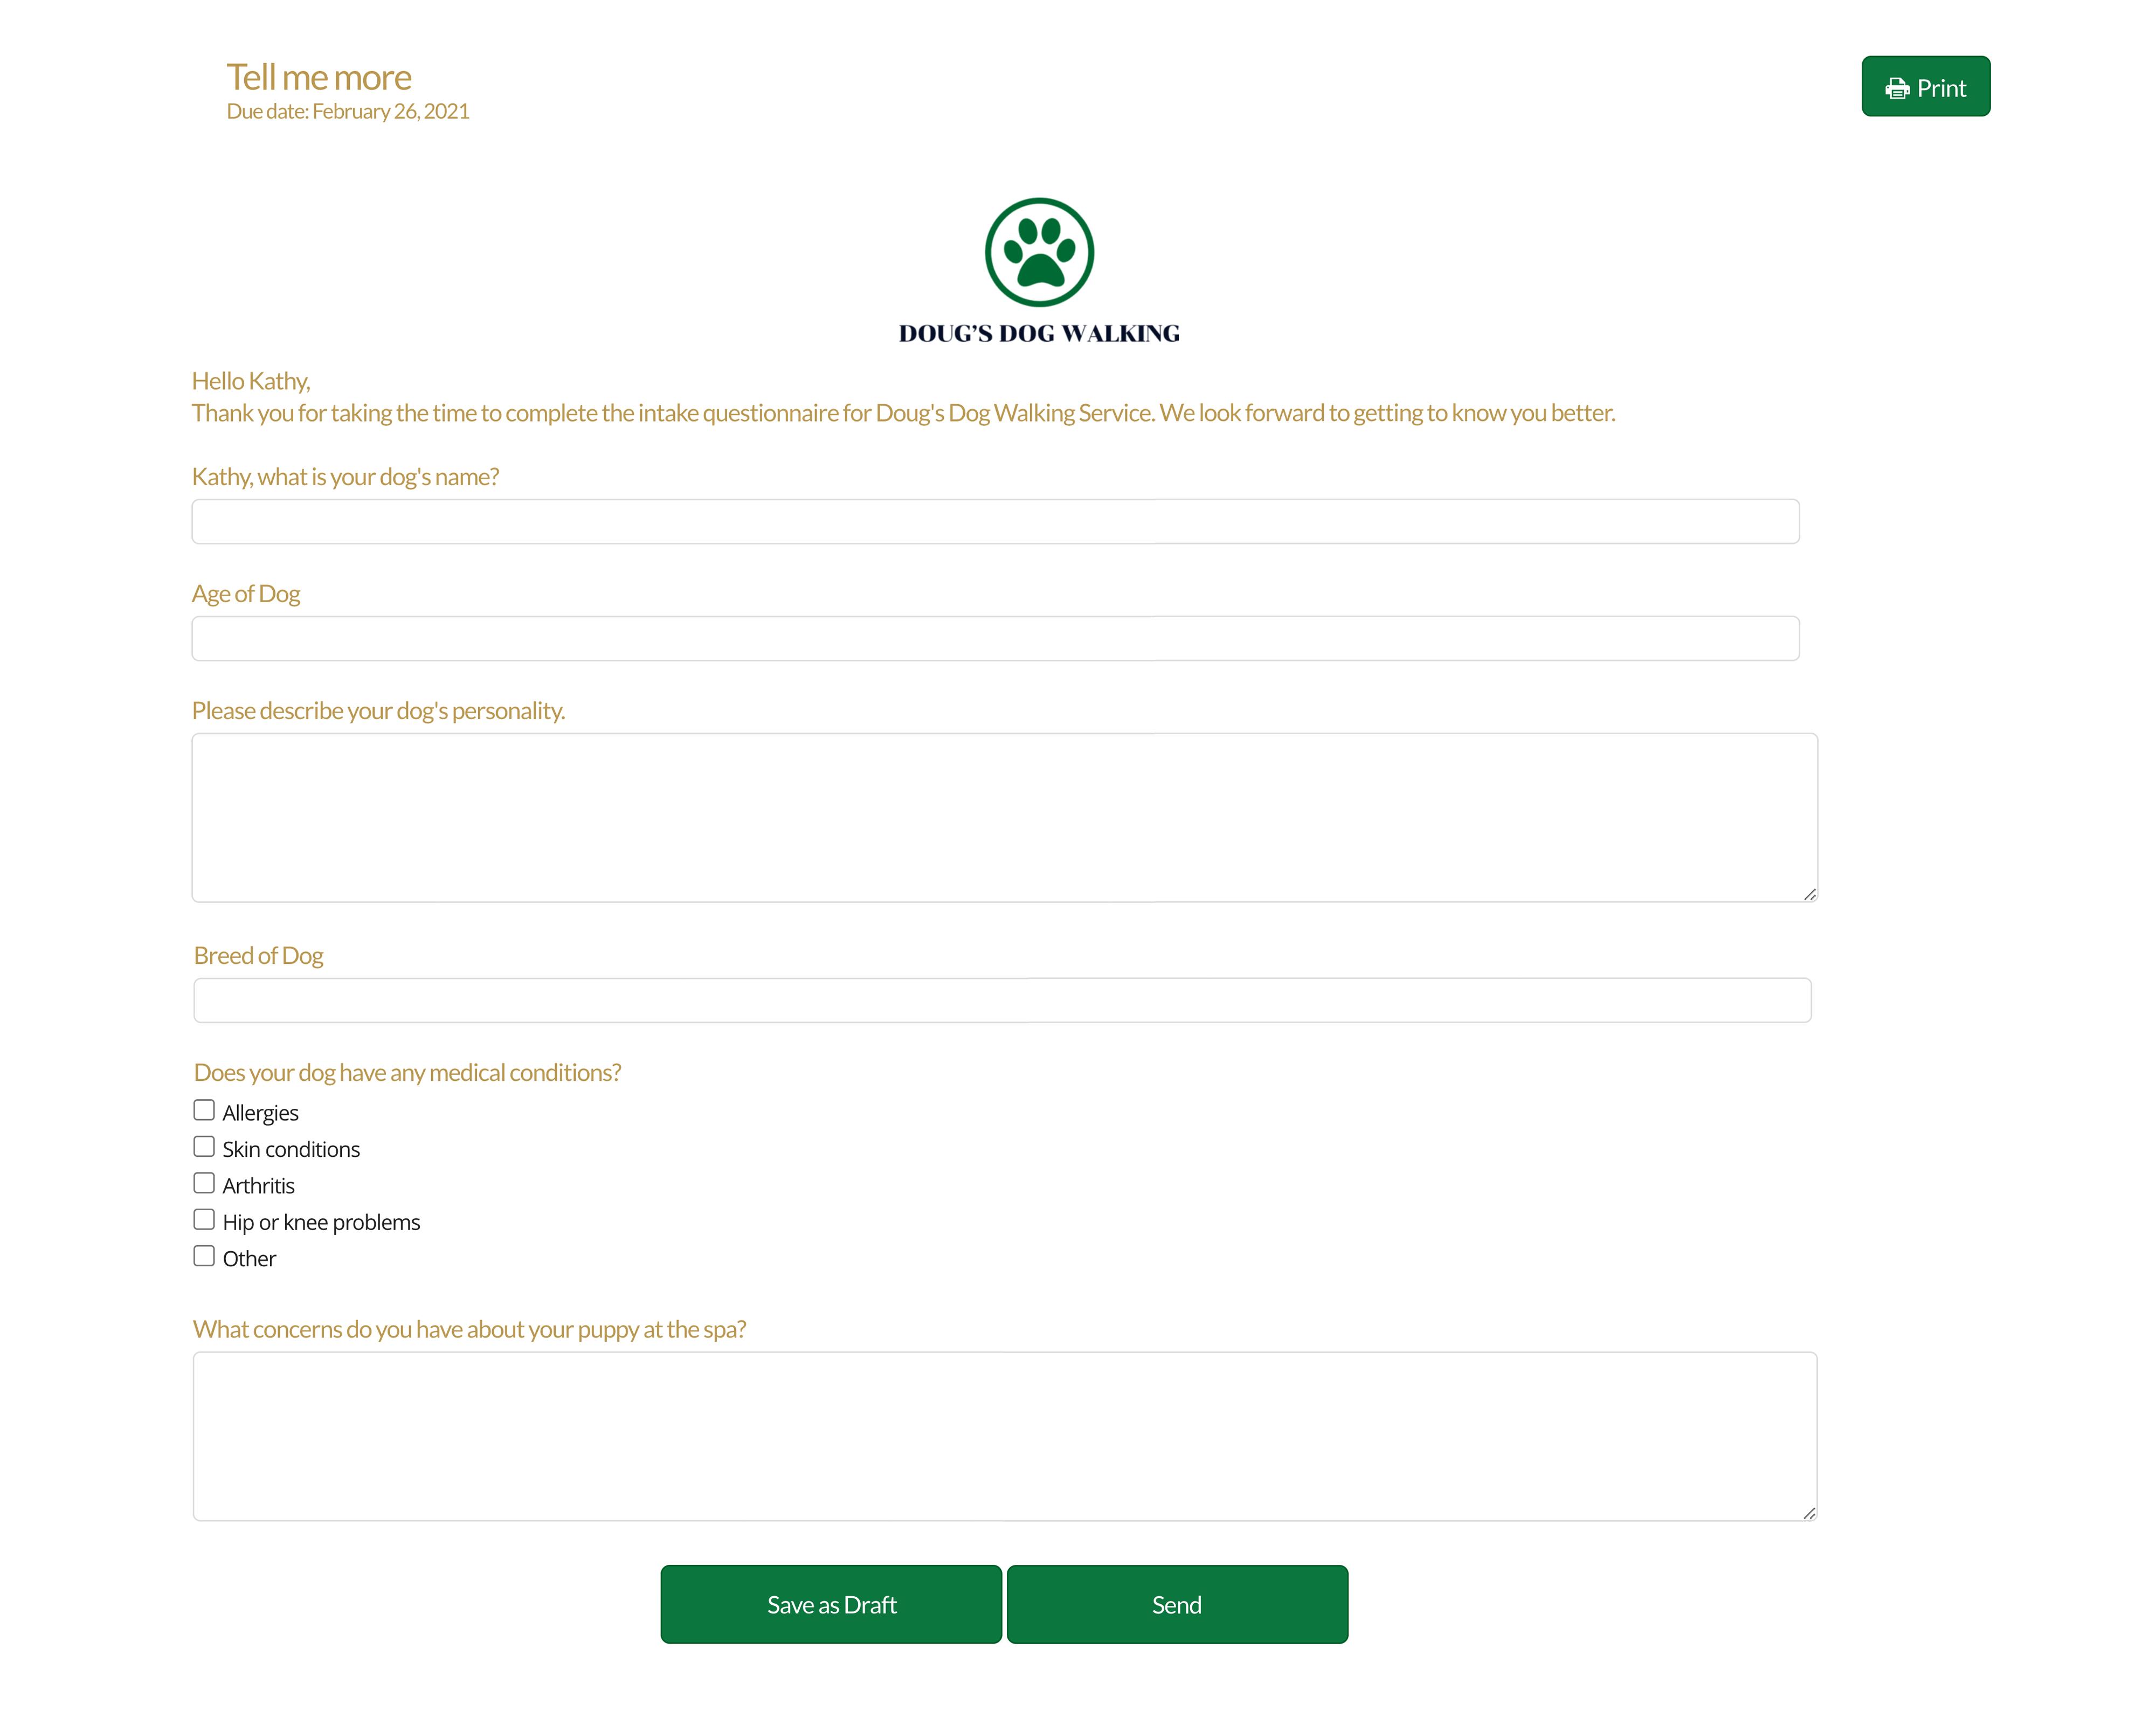 17hats Questionnaire